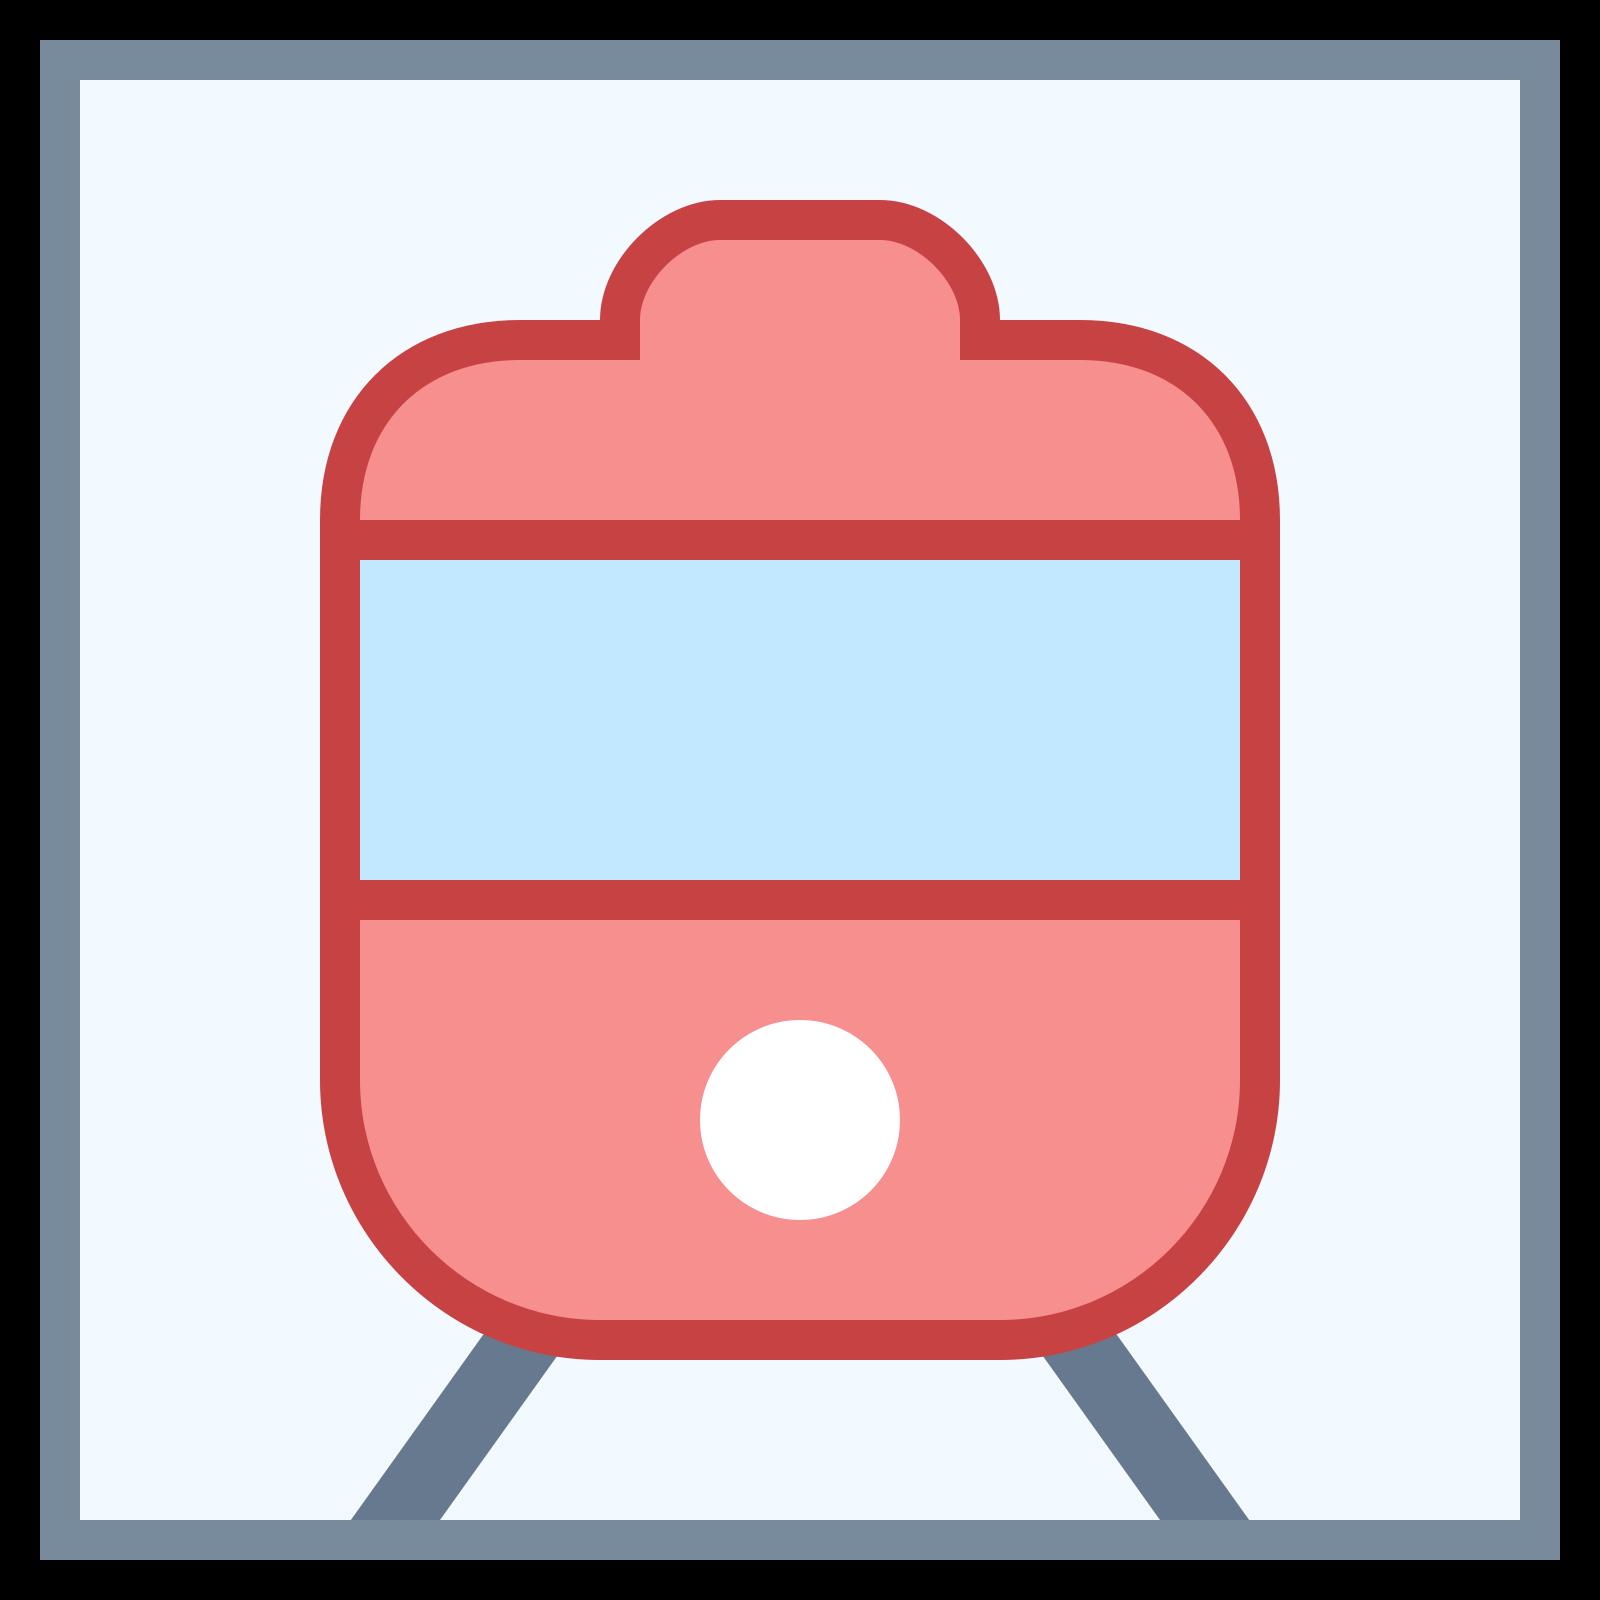 城站火车站 icon. The icon has two parts.  It starts with a square. In the middle of the square is a picture of a train. At the bottom of the train toy can see a little bit of trac.